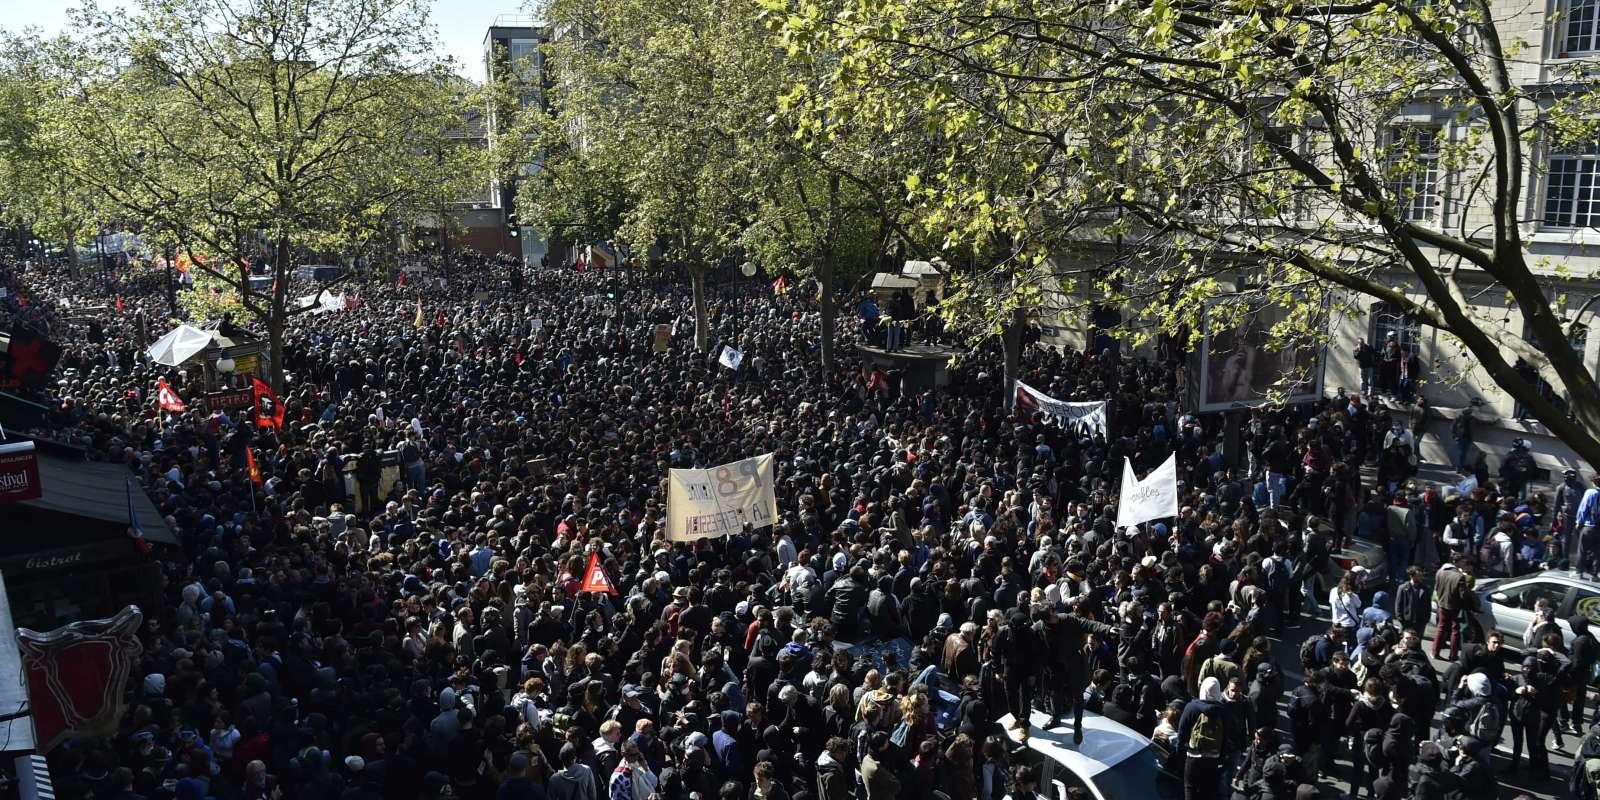 La manifestation parisienne du 1er Mai, émaillée de heurts, a rassemblé 70000 personnes selon la CGT, et entre 16000 et 17000 selon la préfecture de police.